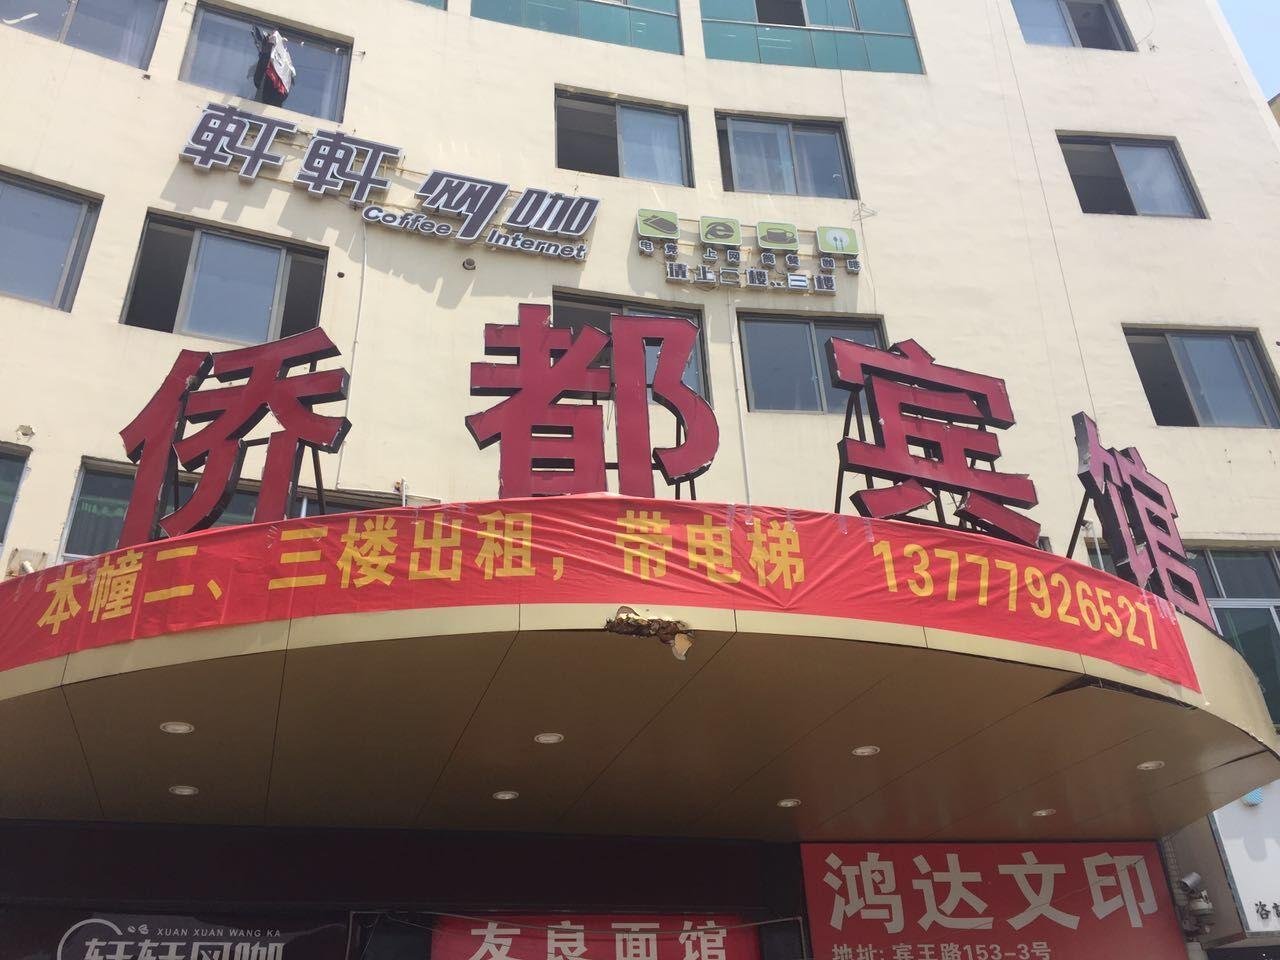 宾王路153号2楼3楼